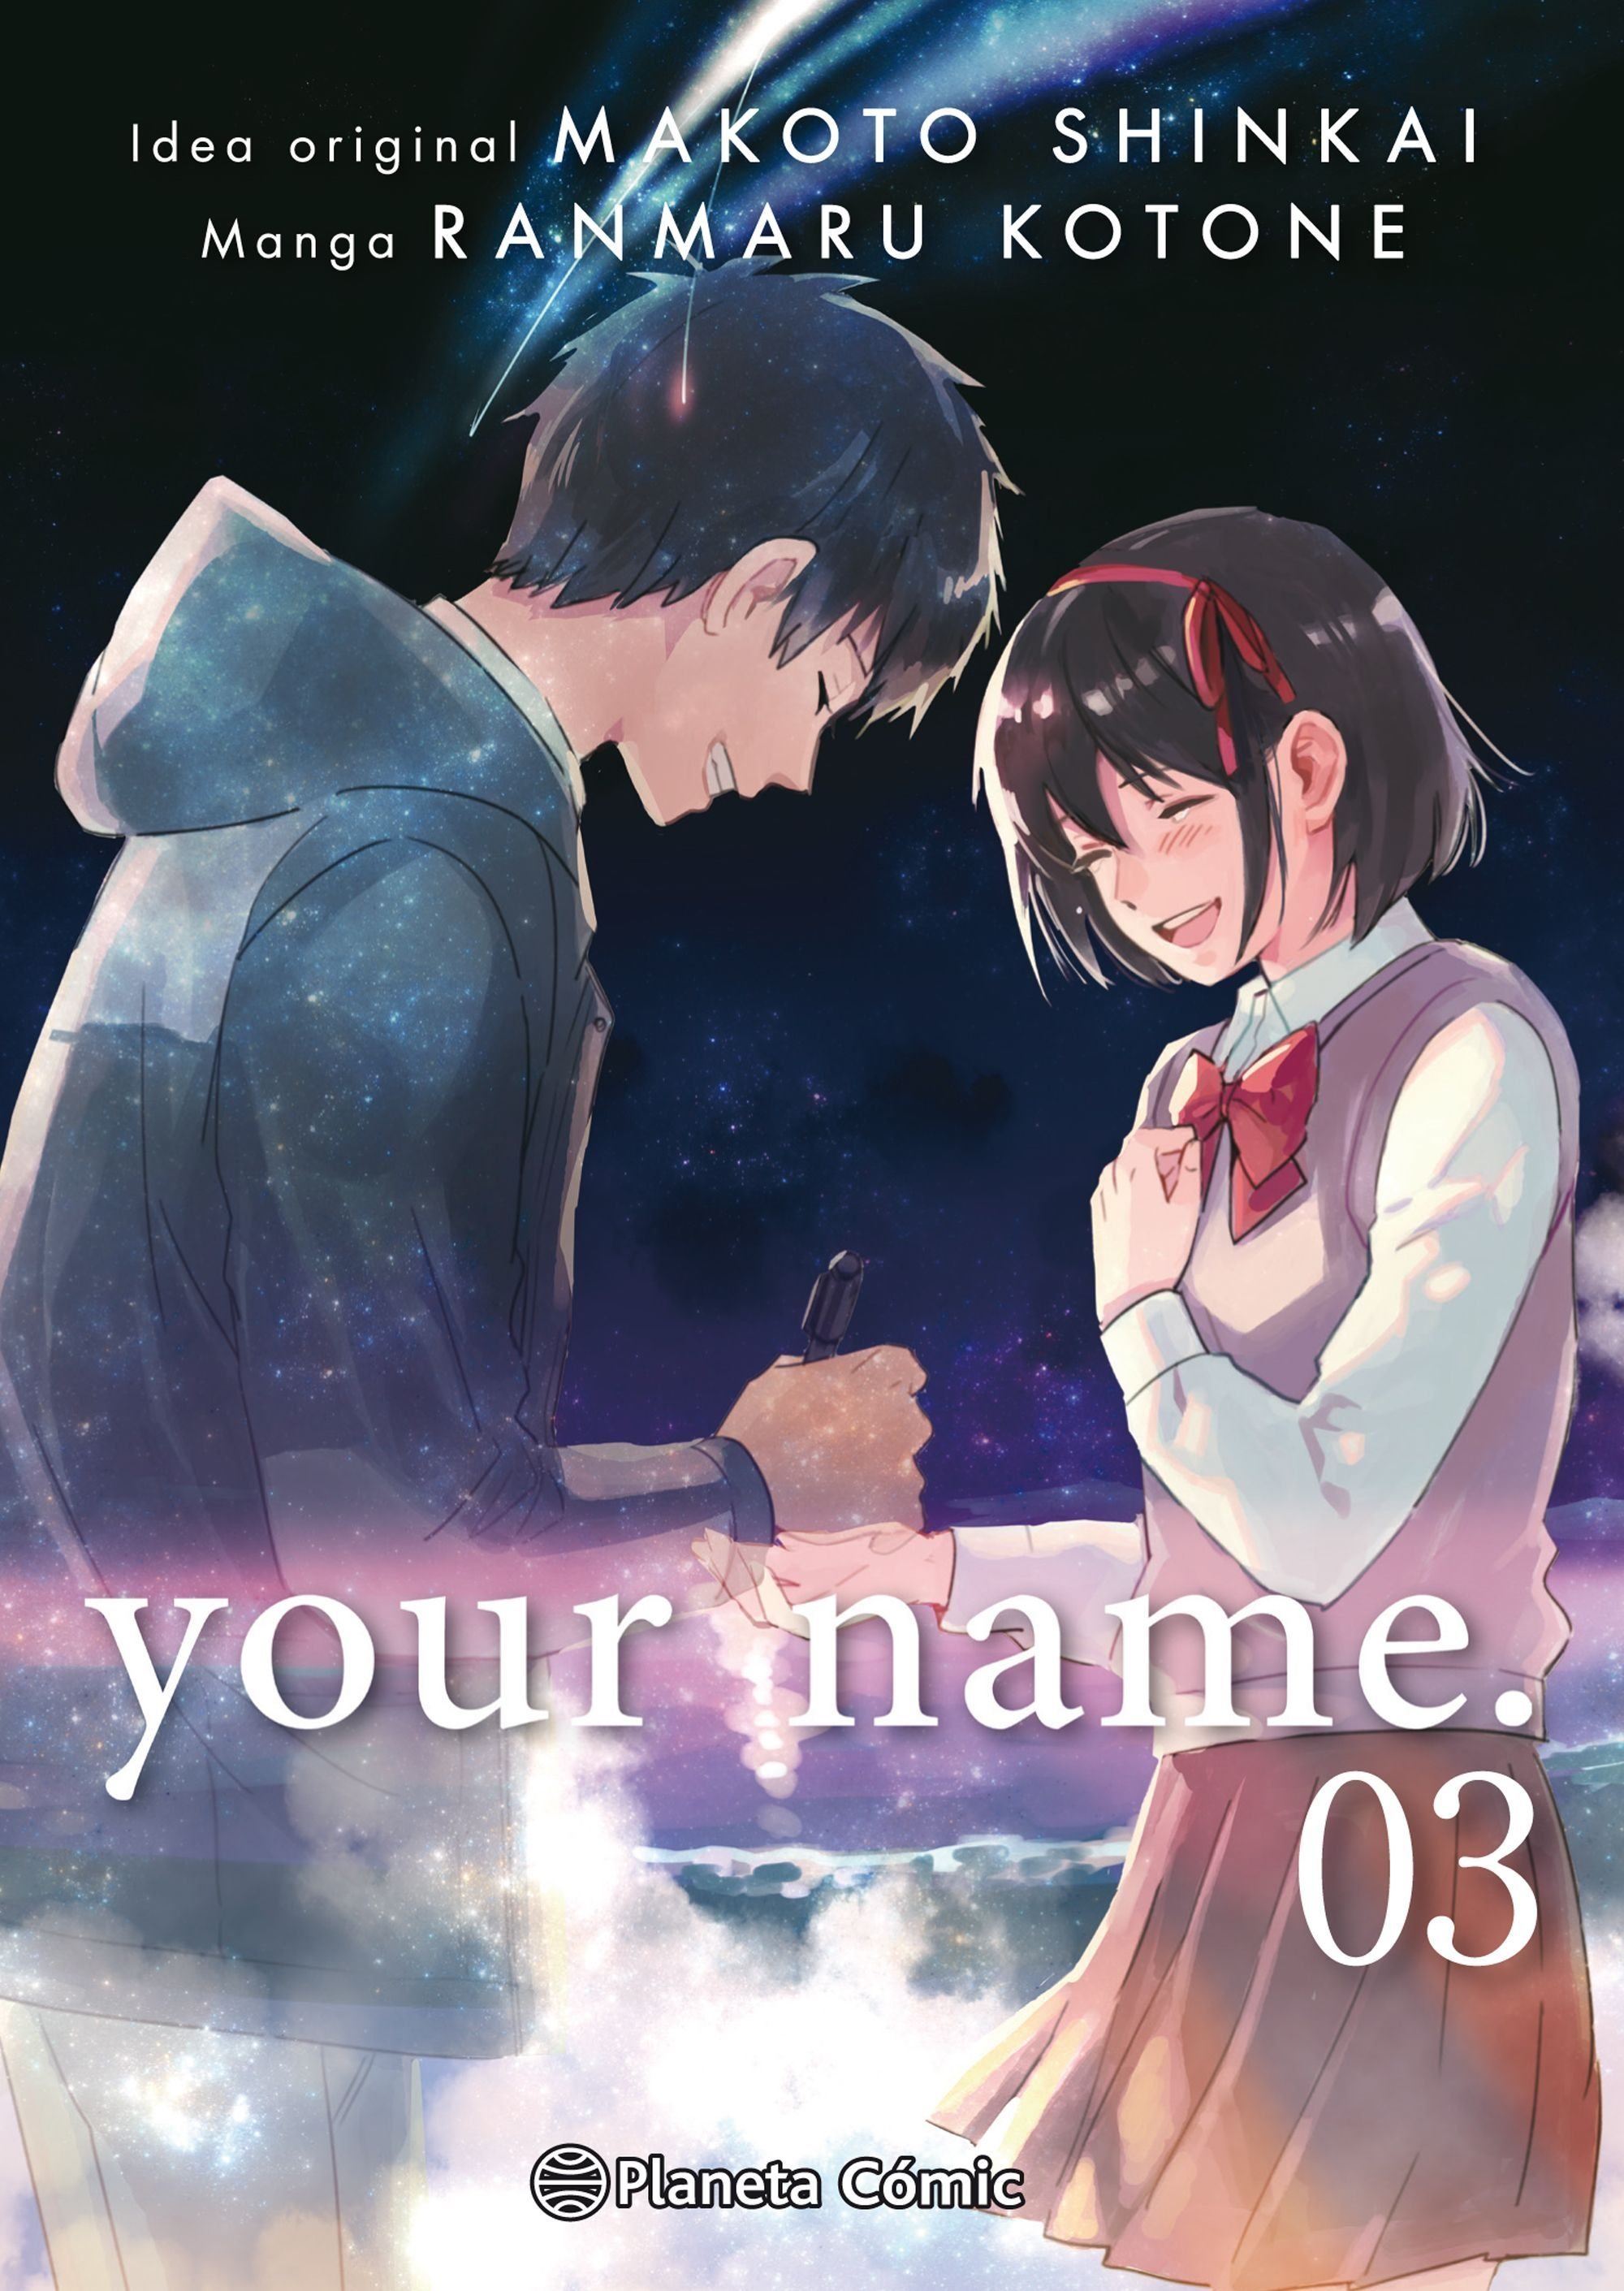 Your Name Nº 03 03 Makoto Shinkai Ranmaru Kotone Numero De Paginas 168 Fecha De Publicacion 24 05 20 Anime Enamorados Dibujos De Anime Foto En Dibujo